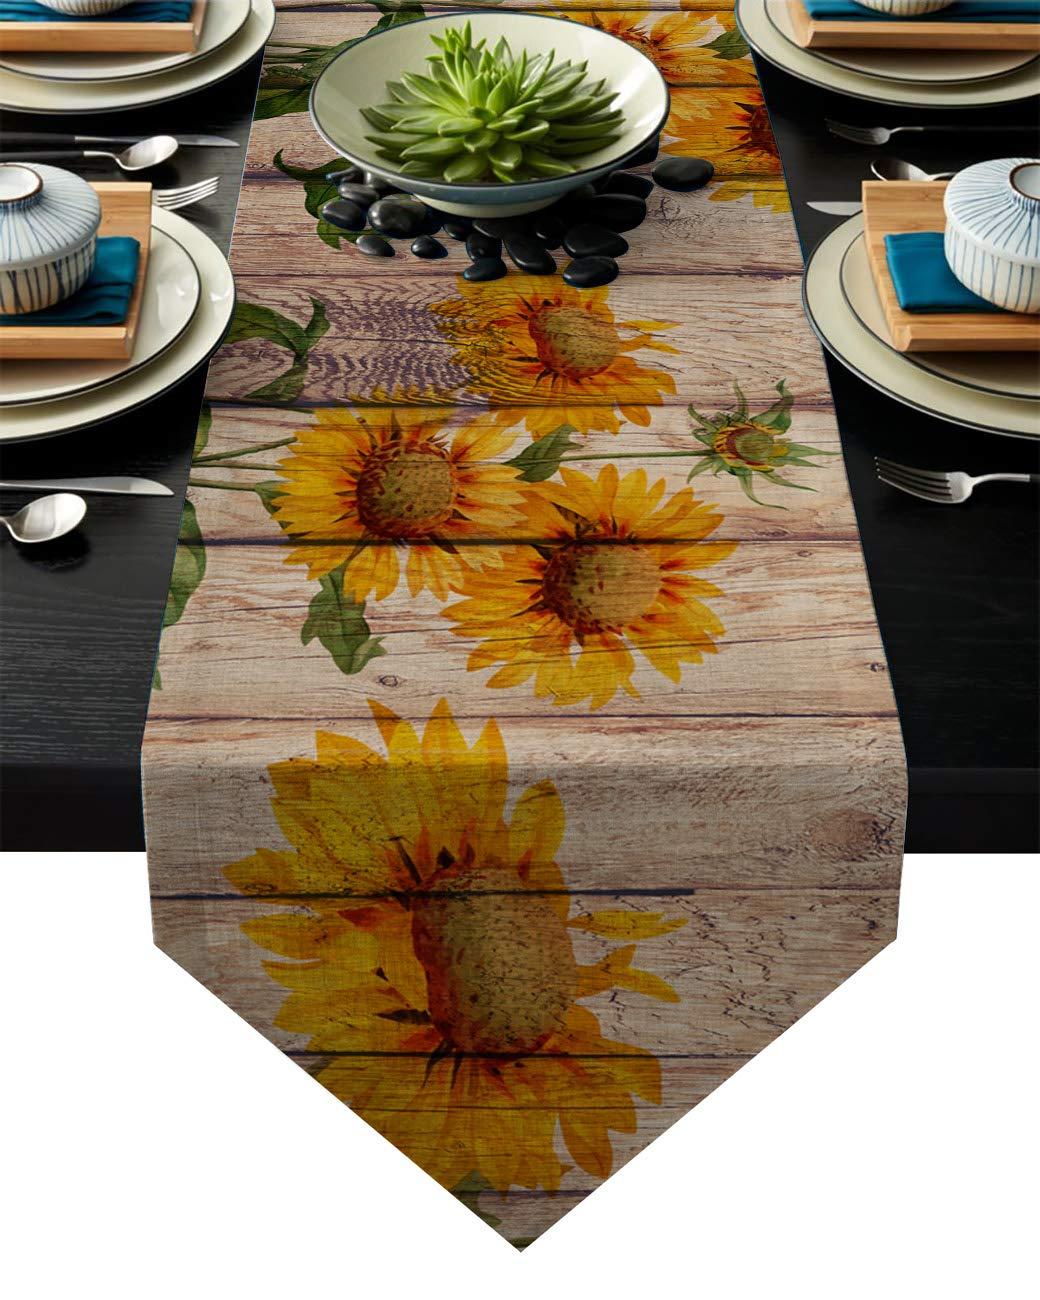 Family Decor リネン黄麻布テーブルランナー ドレッサースカーフ 素朴な木製板にひまわり カントリーテーマ 16 By 72 Inch 2019-2-18/XGL$$$$$$SLXM04760ZQADFAD 16 By 72 Inch  B07NWNMW39